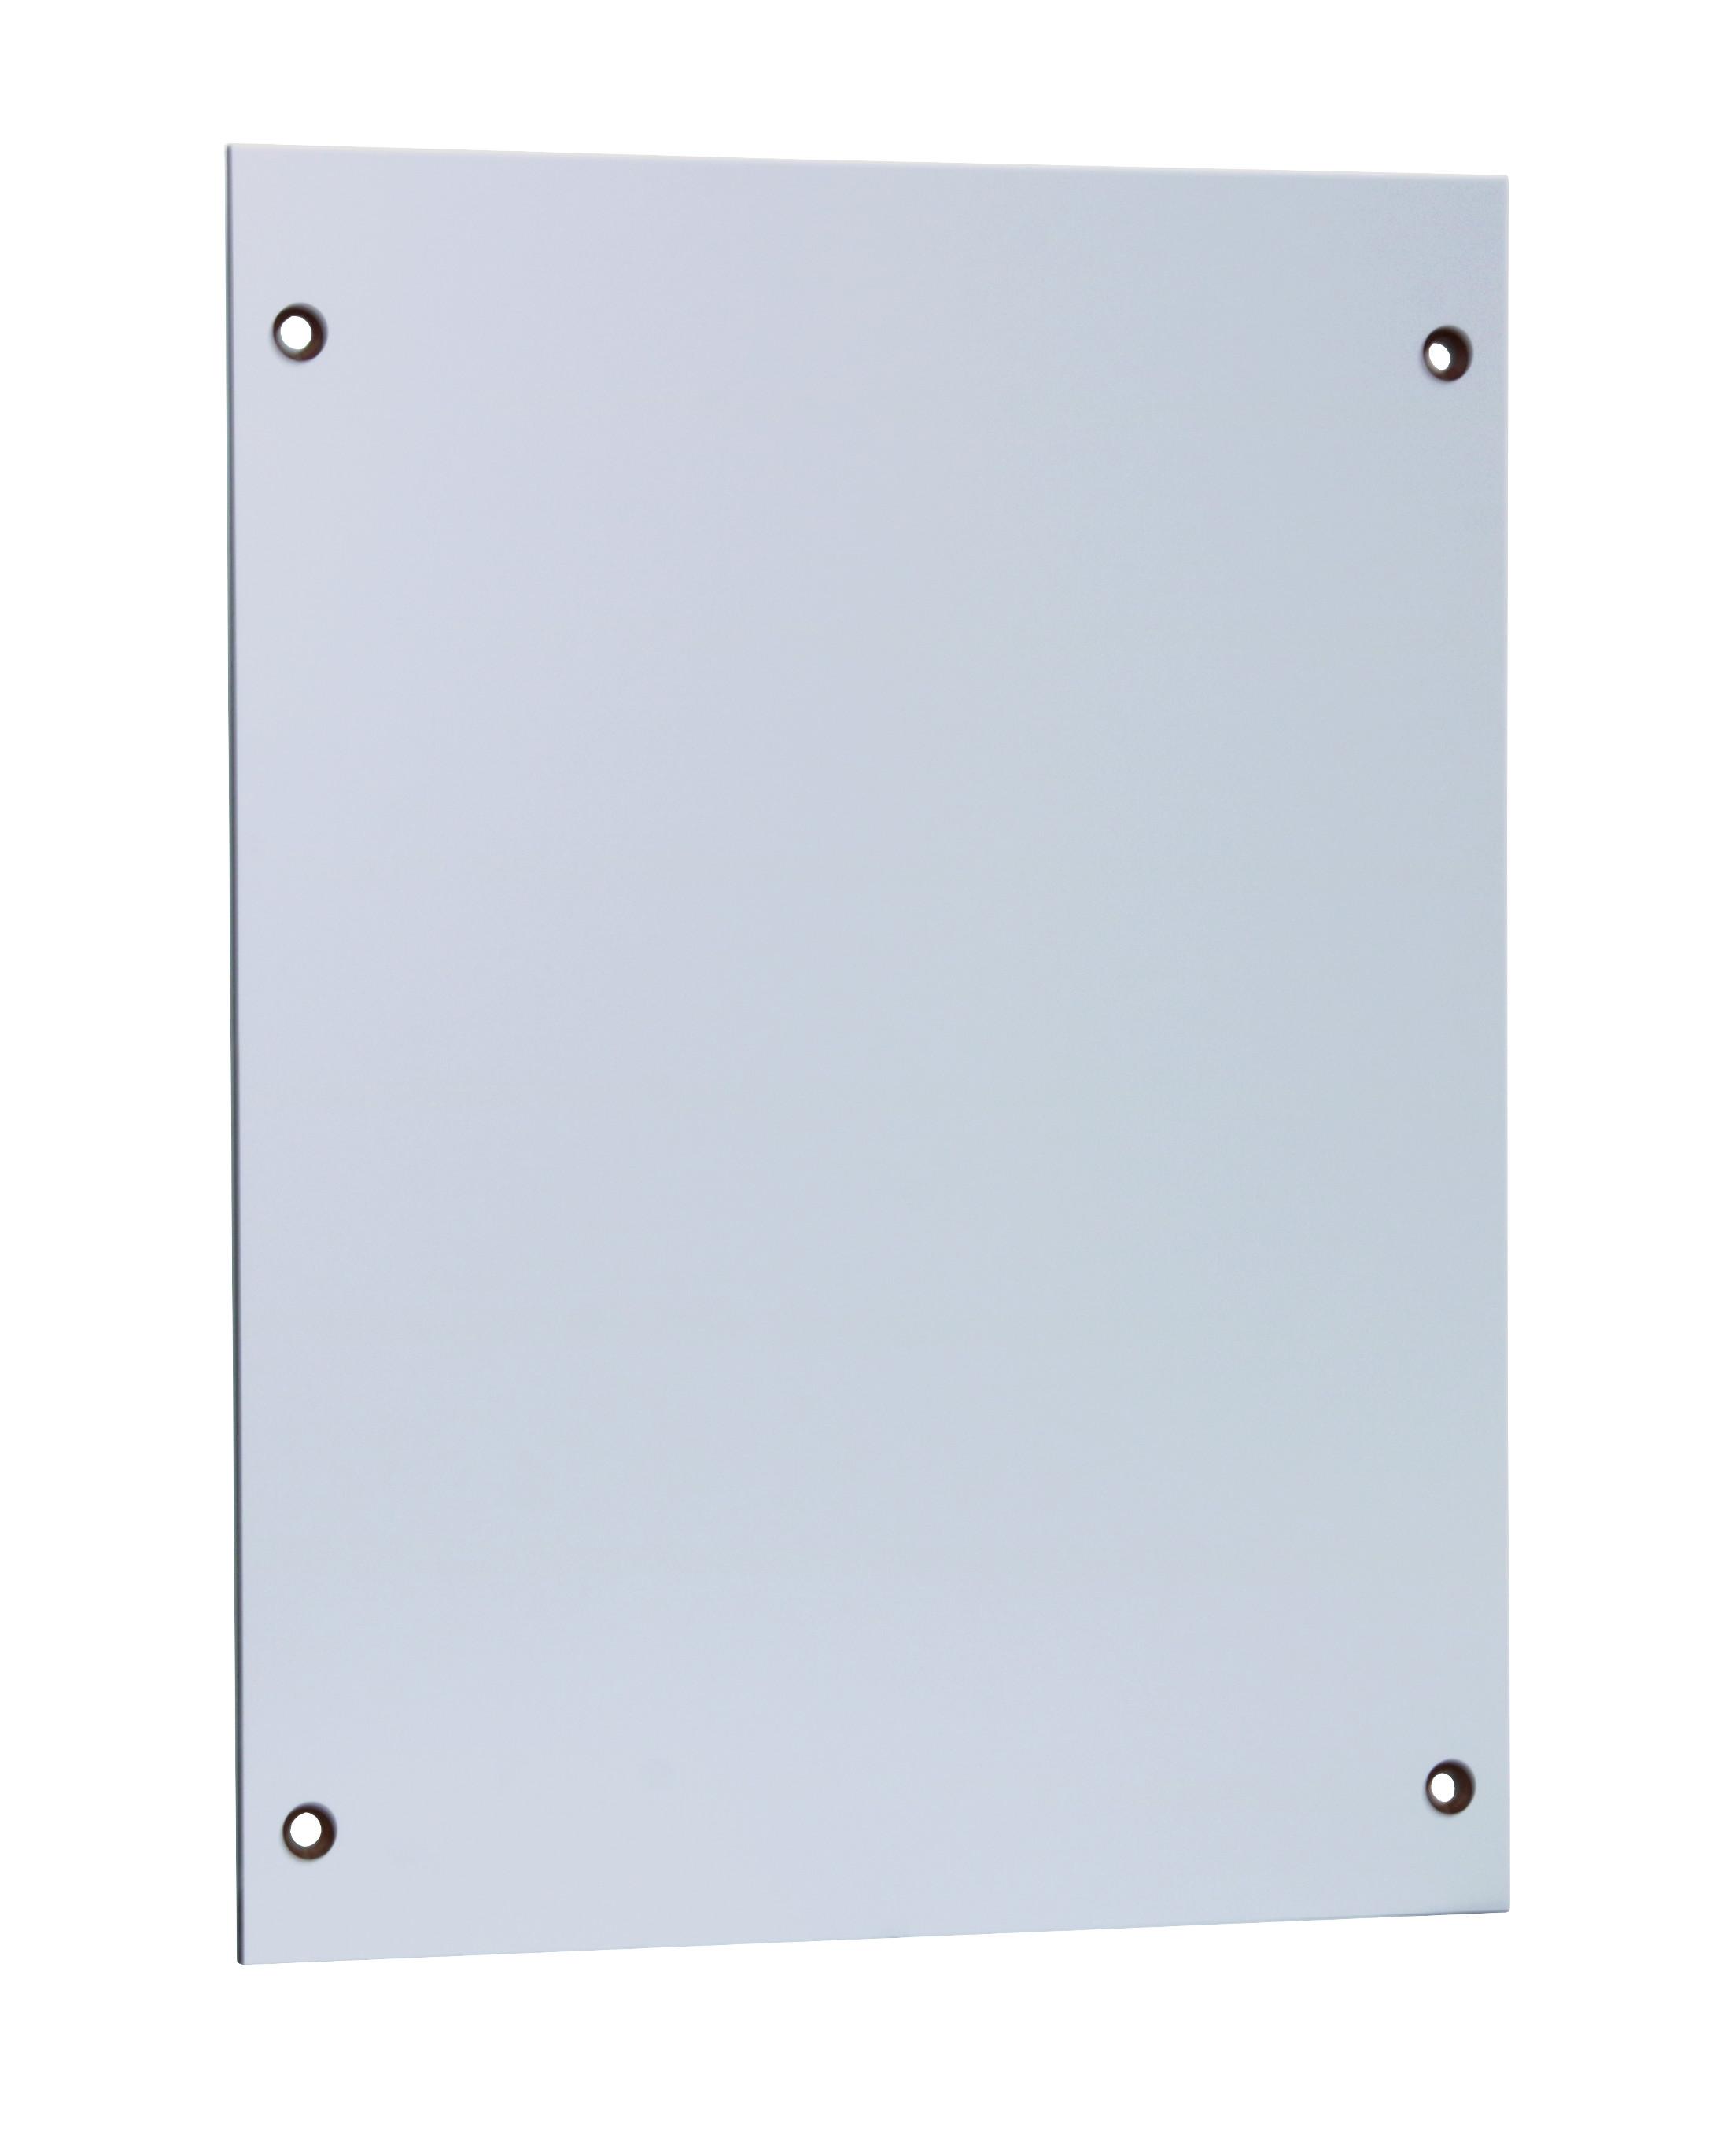 1 Stk Montageplatte für IG009205, 1025x900x6mm, Hartpapier IG009225--